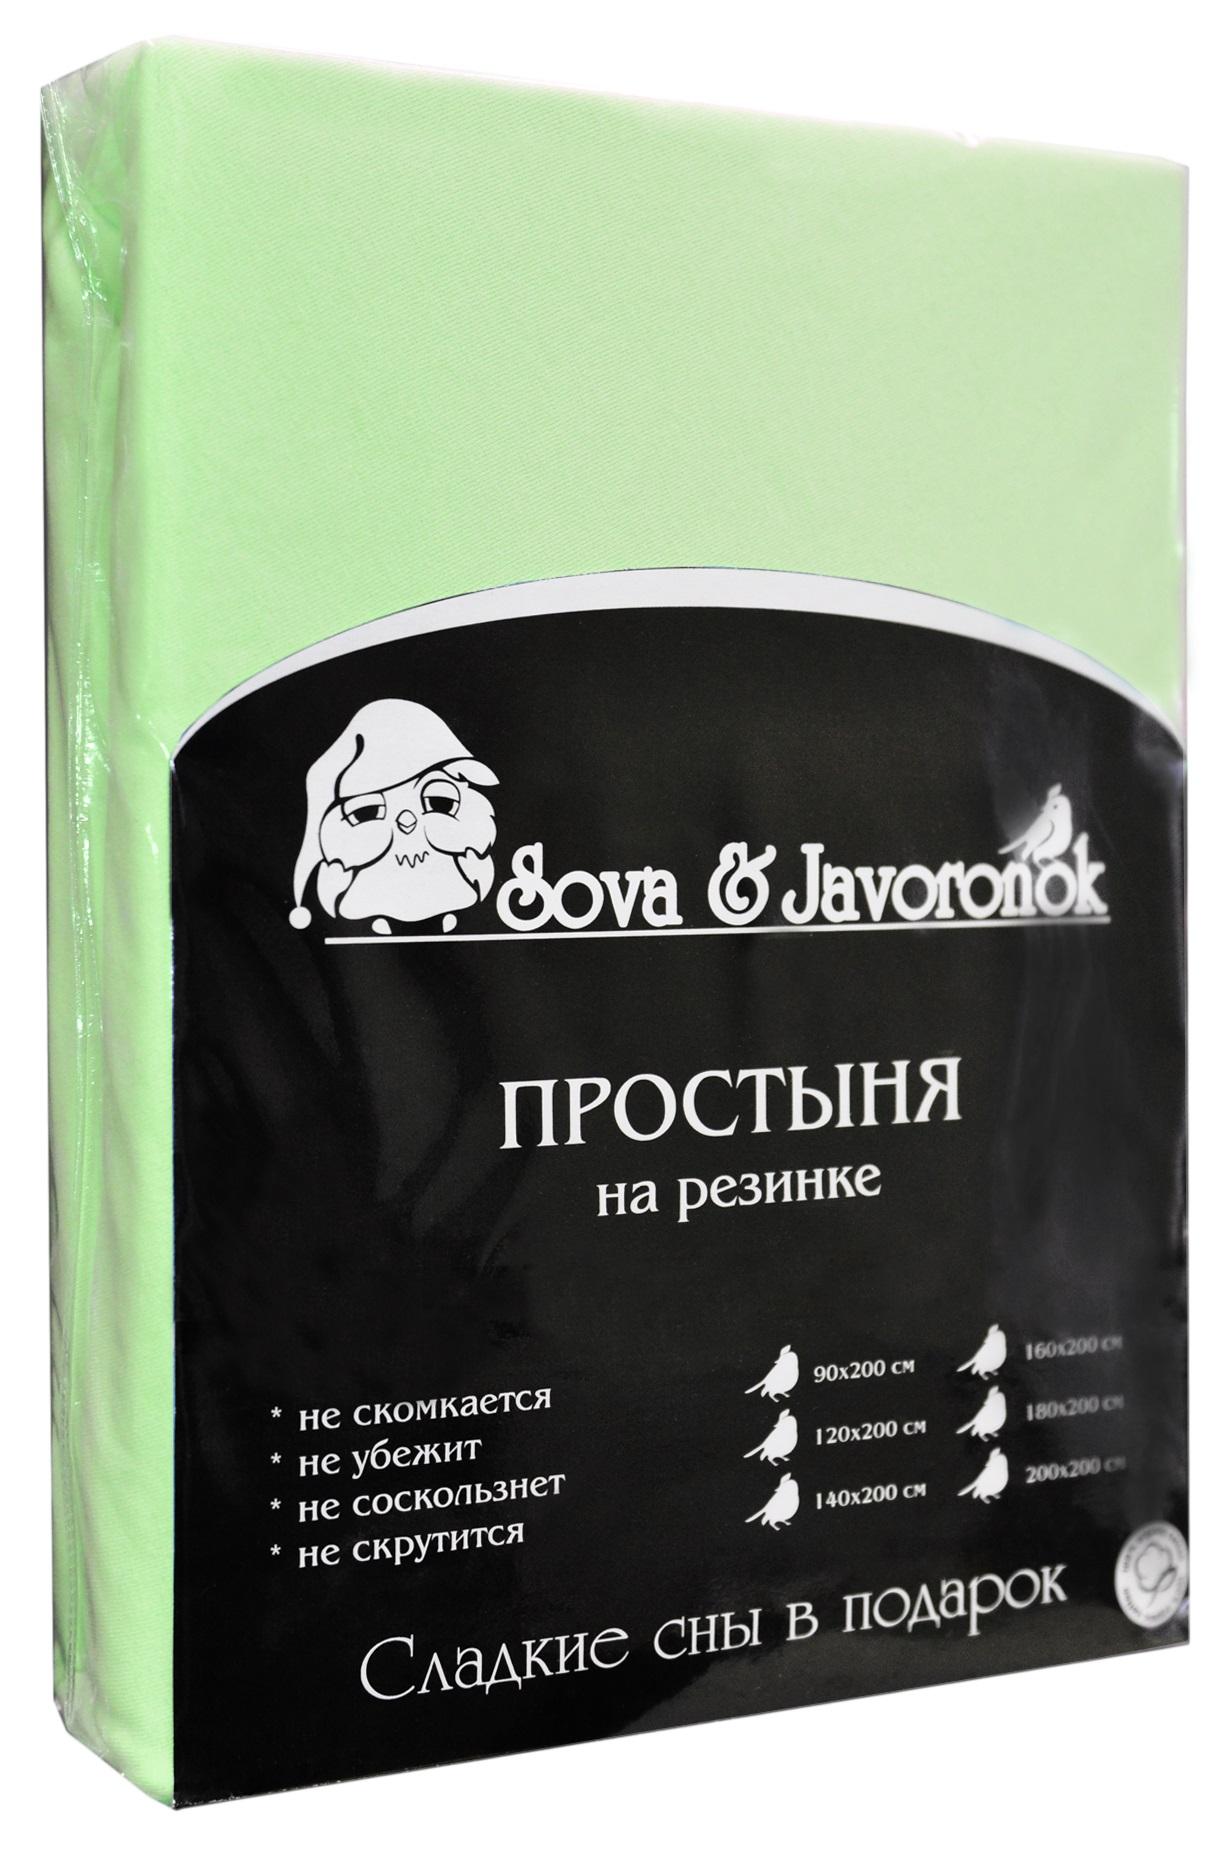 Простыня на резинке Sova & Javoronok, цвет: светло-зеленый, 140 см х 200 см0803114208Простыня на резинке Sova & Javoronok, изготовленная из трикотажной ткани (100% хлопок), будет превосходно смотреться с любыми комплектами белья. Хлопчатобумажный трикотаж по праву считается одним из самых качественных, прочных и при этом приятных на ощупь. Его гигиеничность позволяет использовать простыню и в детских комнатах, к тому же 100%-ый хлопок в составе ткани не вызовет аллергии. У трикотажного полотна очень интересная структура, немного рыхлая за счет отсутствия плотного переплетения нитей и наличия особых петель, благодаря этому простыня Сова и Жаворонок отлично пропускает воздух и способствует его постоянной циркуляции. Поэтому ваша постель будет всегда оставаться свежей. Но главное и, пожалуй, самое известное свойство трикотажа - это его великолепная растяжимость, поэтому эта ткань и была выбрана для натяжной простыни на резинке. Простыня прошита резинкой по всему периметру, что обеспечивает более комфортный отдых, так как она прочно удерживается на матрасе и...